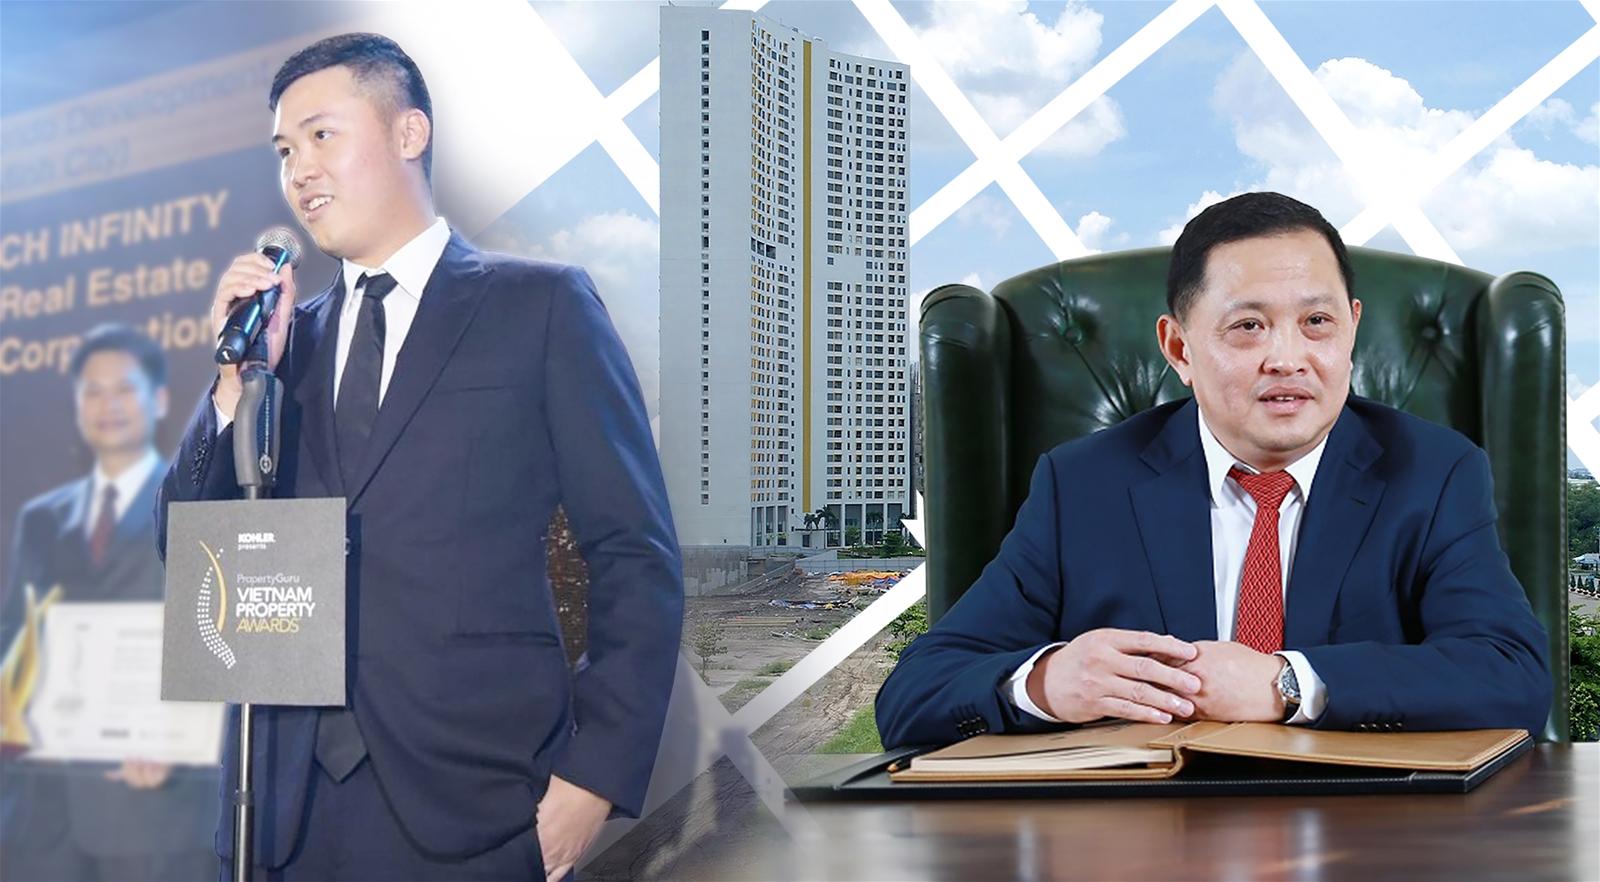 """PDR của bất động sản Phát Đạt còn gì để """"chuyển giao thế hệ""""?"""